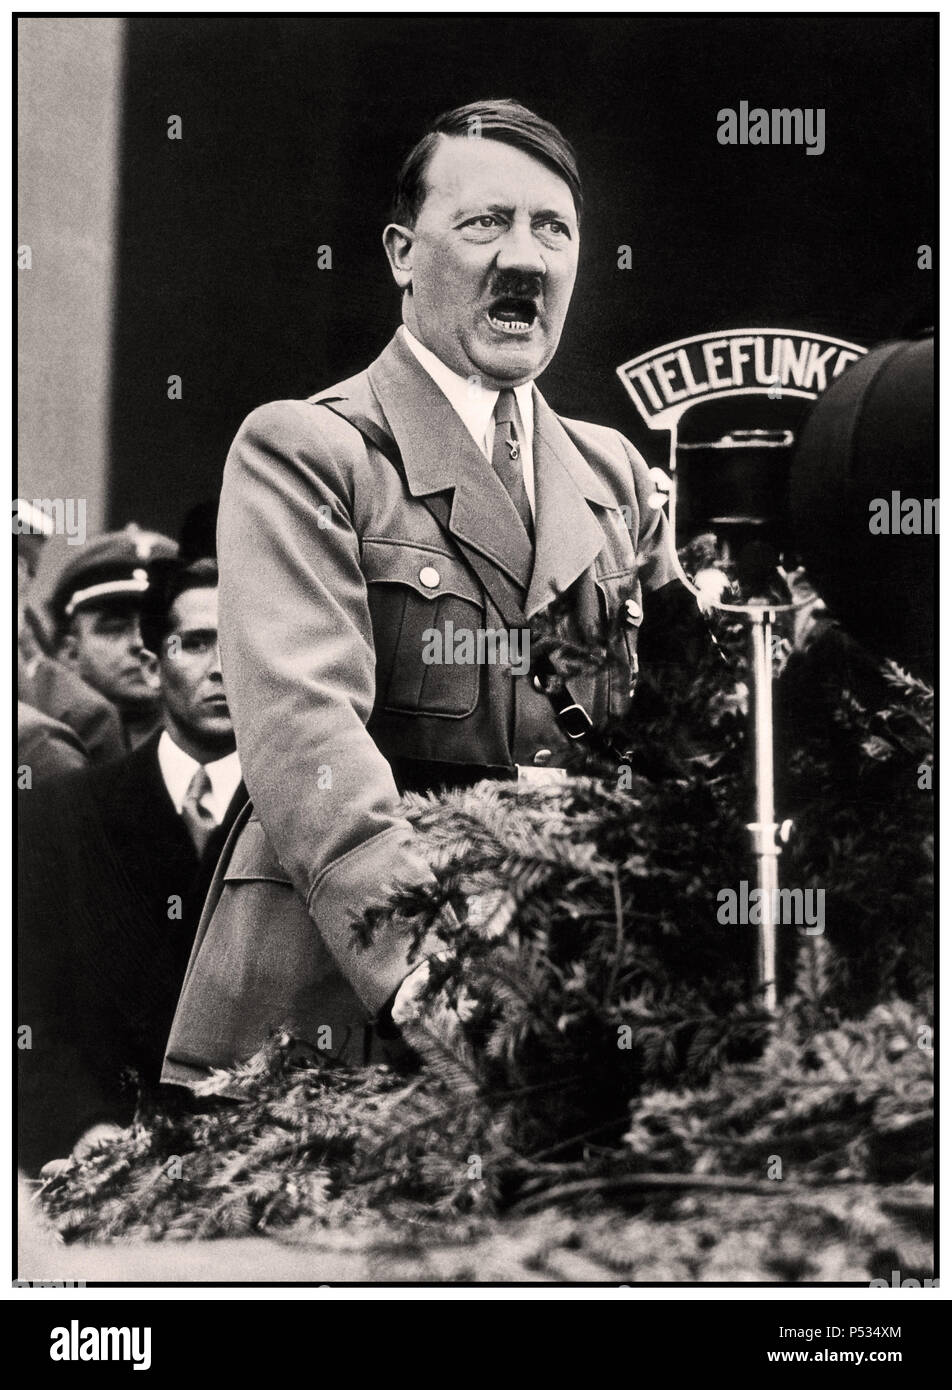 1930 Discours d'Adolf Hitler avec Microphone Radio Telefunken broadcasting à la nation allemande debout à la tribune de la plate-forme à un rassemblement du parti nazi à Nuremberg Allemagne Photo Stock